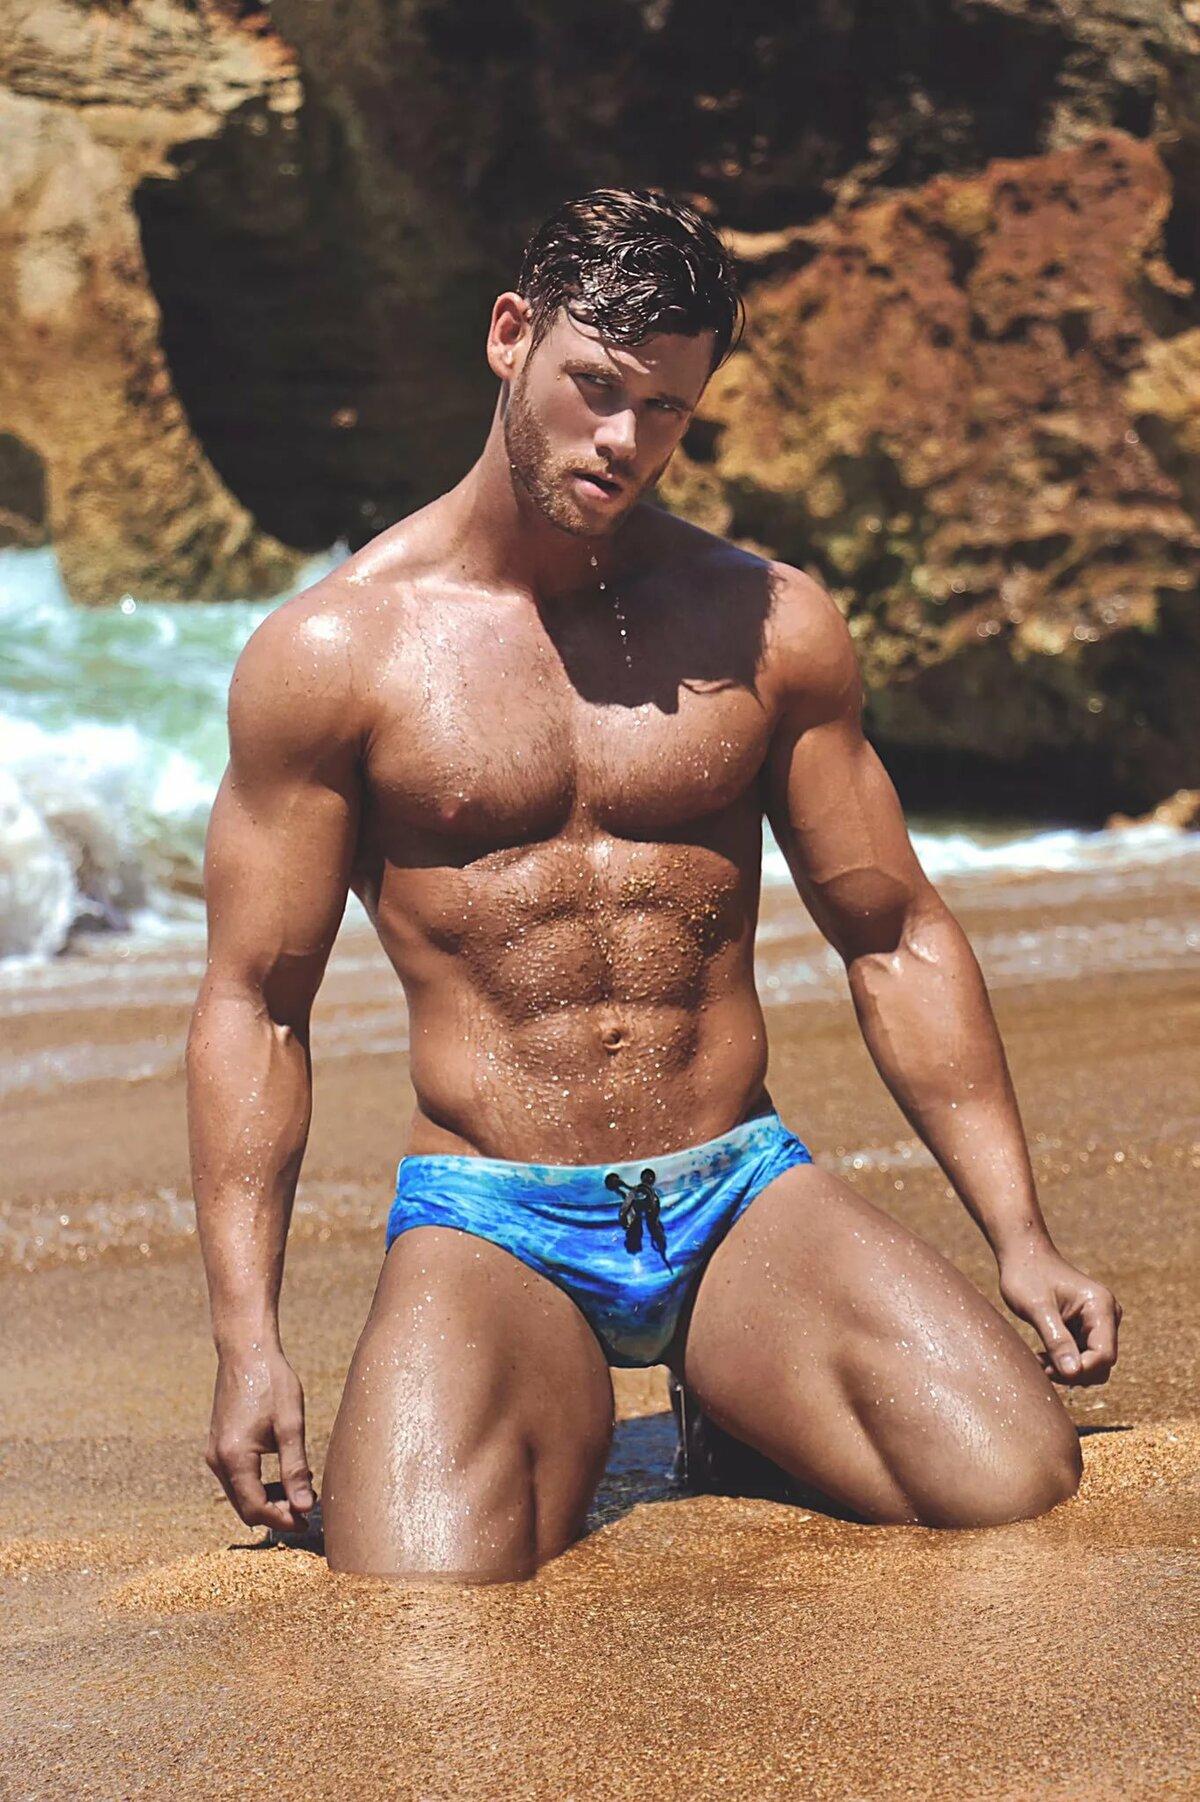 Bikini hunk